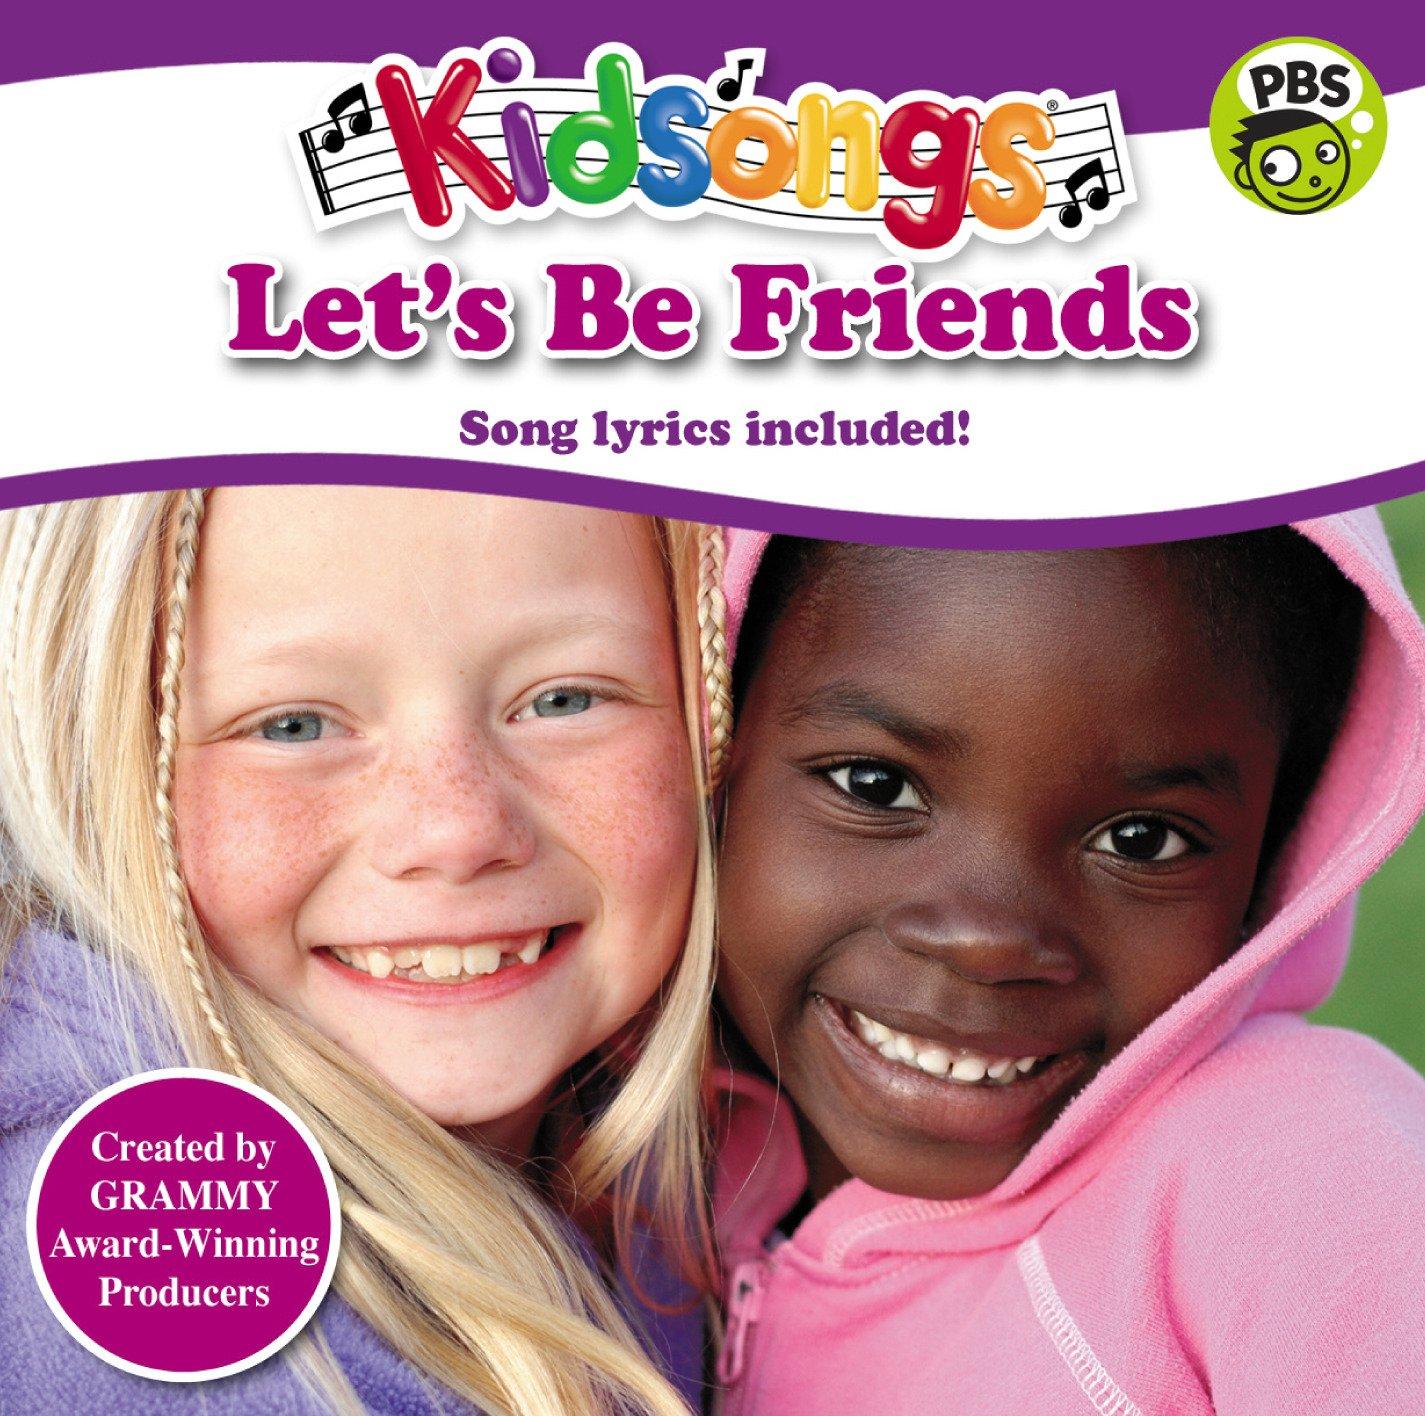 KIDSONGS My Favorite Let's Be Friends